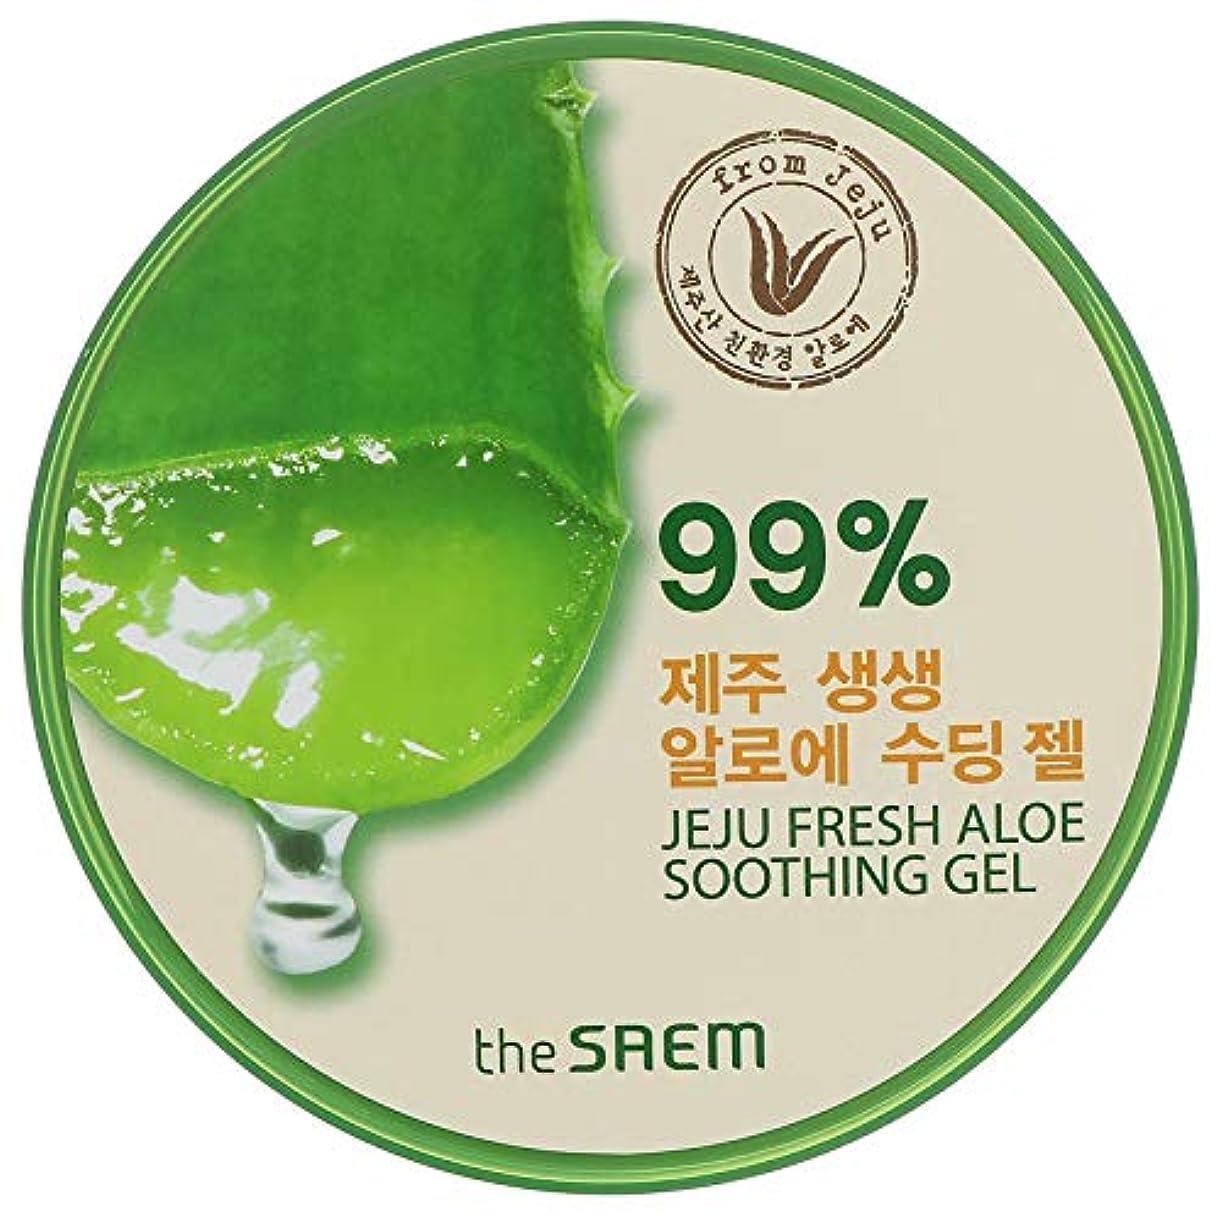 不忠真鍮雑品即日発送 【国内発送】ザセム アロエスーディングジェル99% 頭からつま先までしっとり The SAEM Jeju Fresh ALOE Soothing Gel 99%